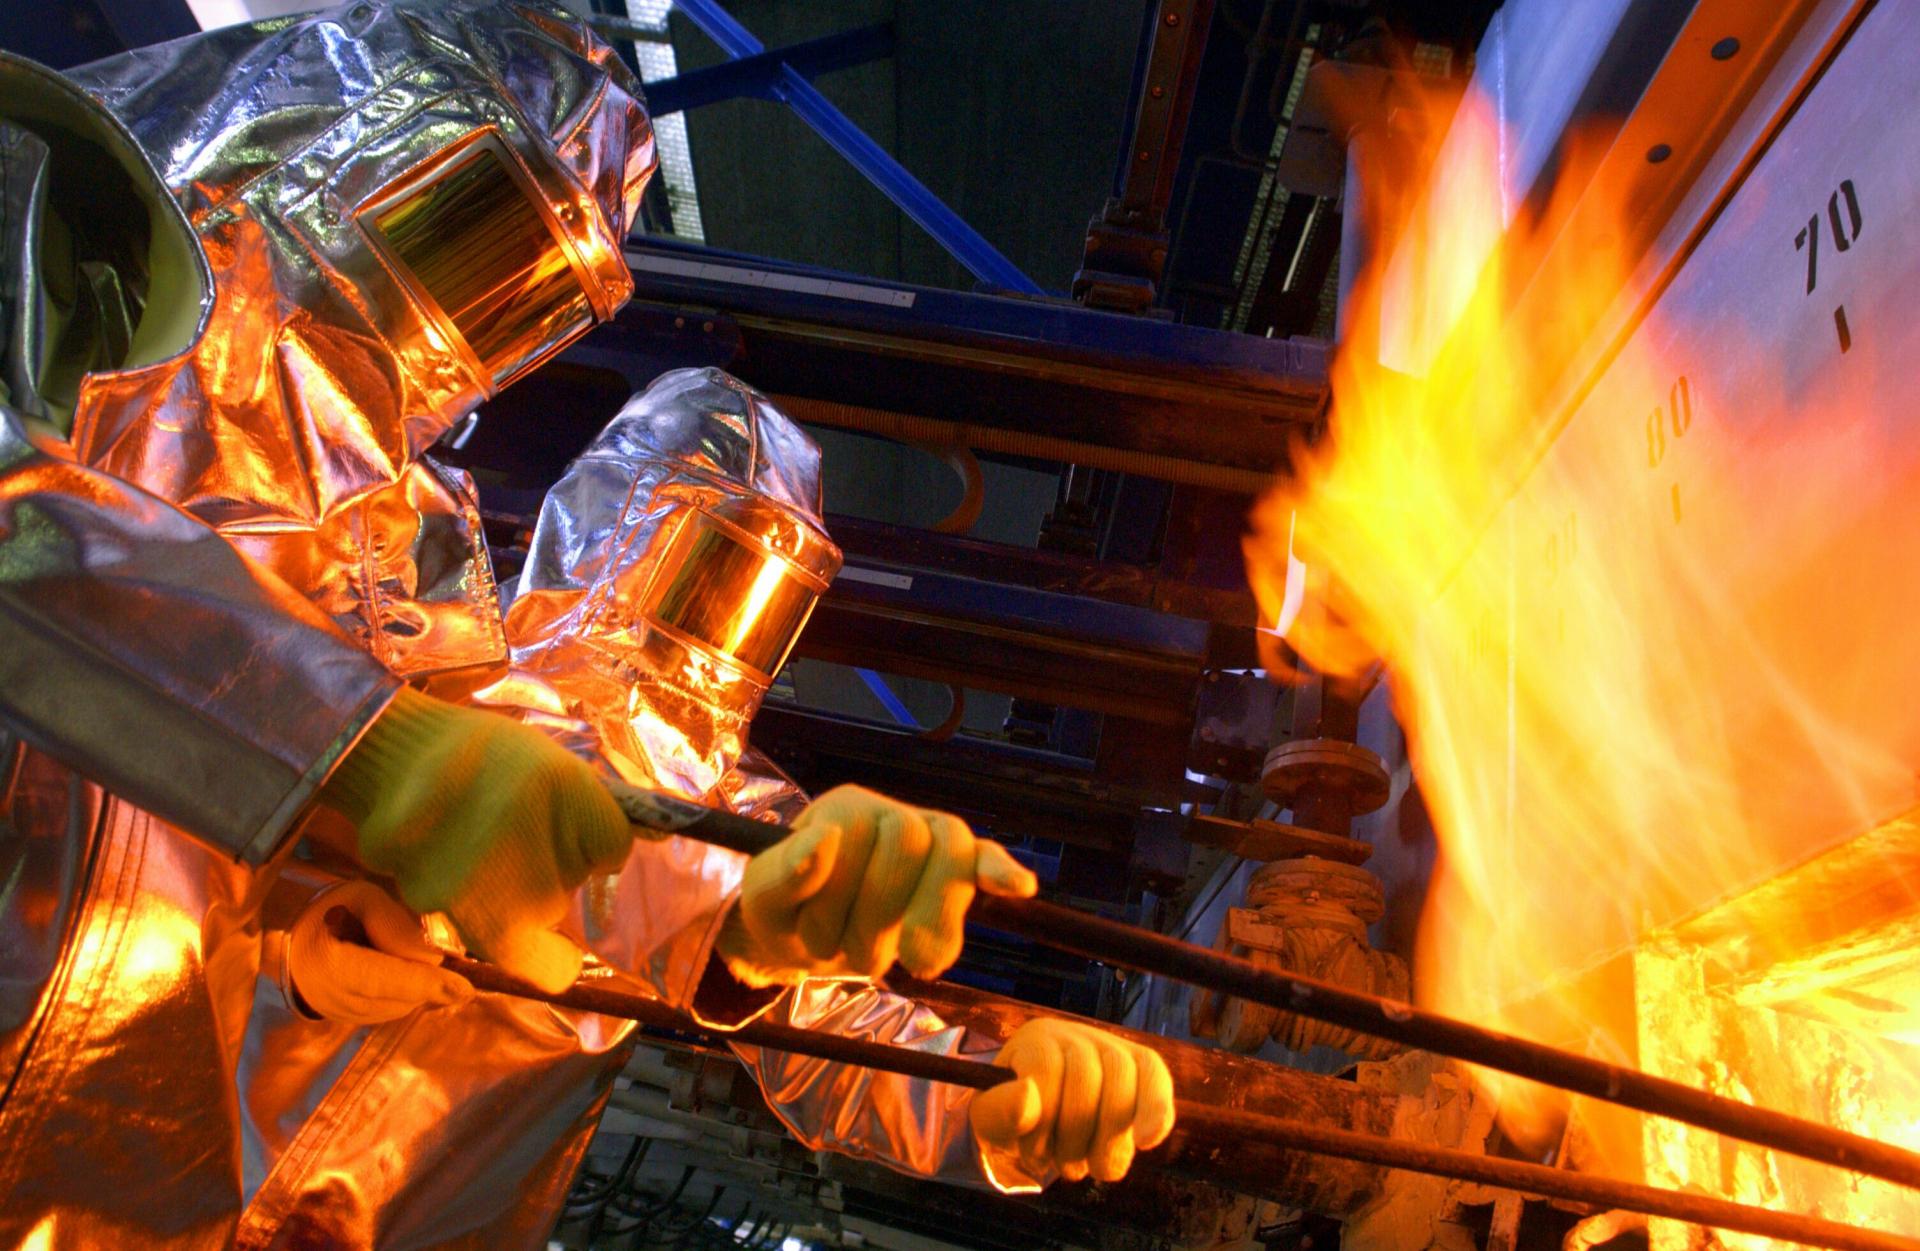 Männer in Hitzeschutzkleidung an einer Glasschmelzwanne.